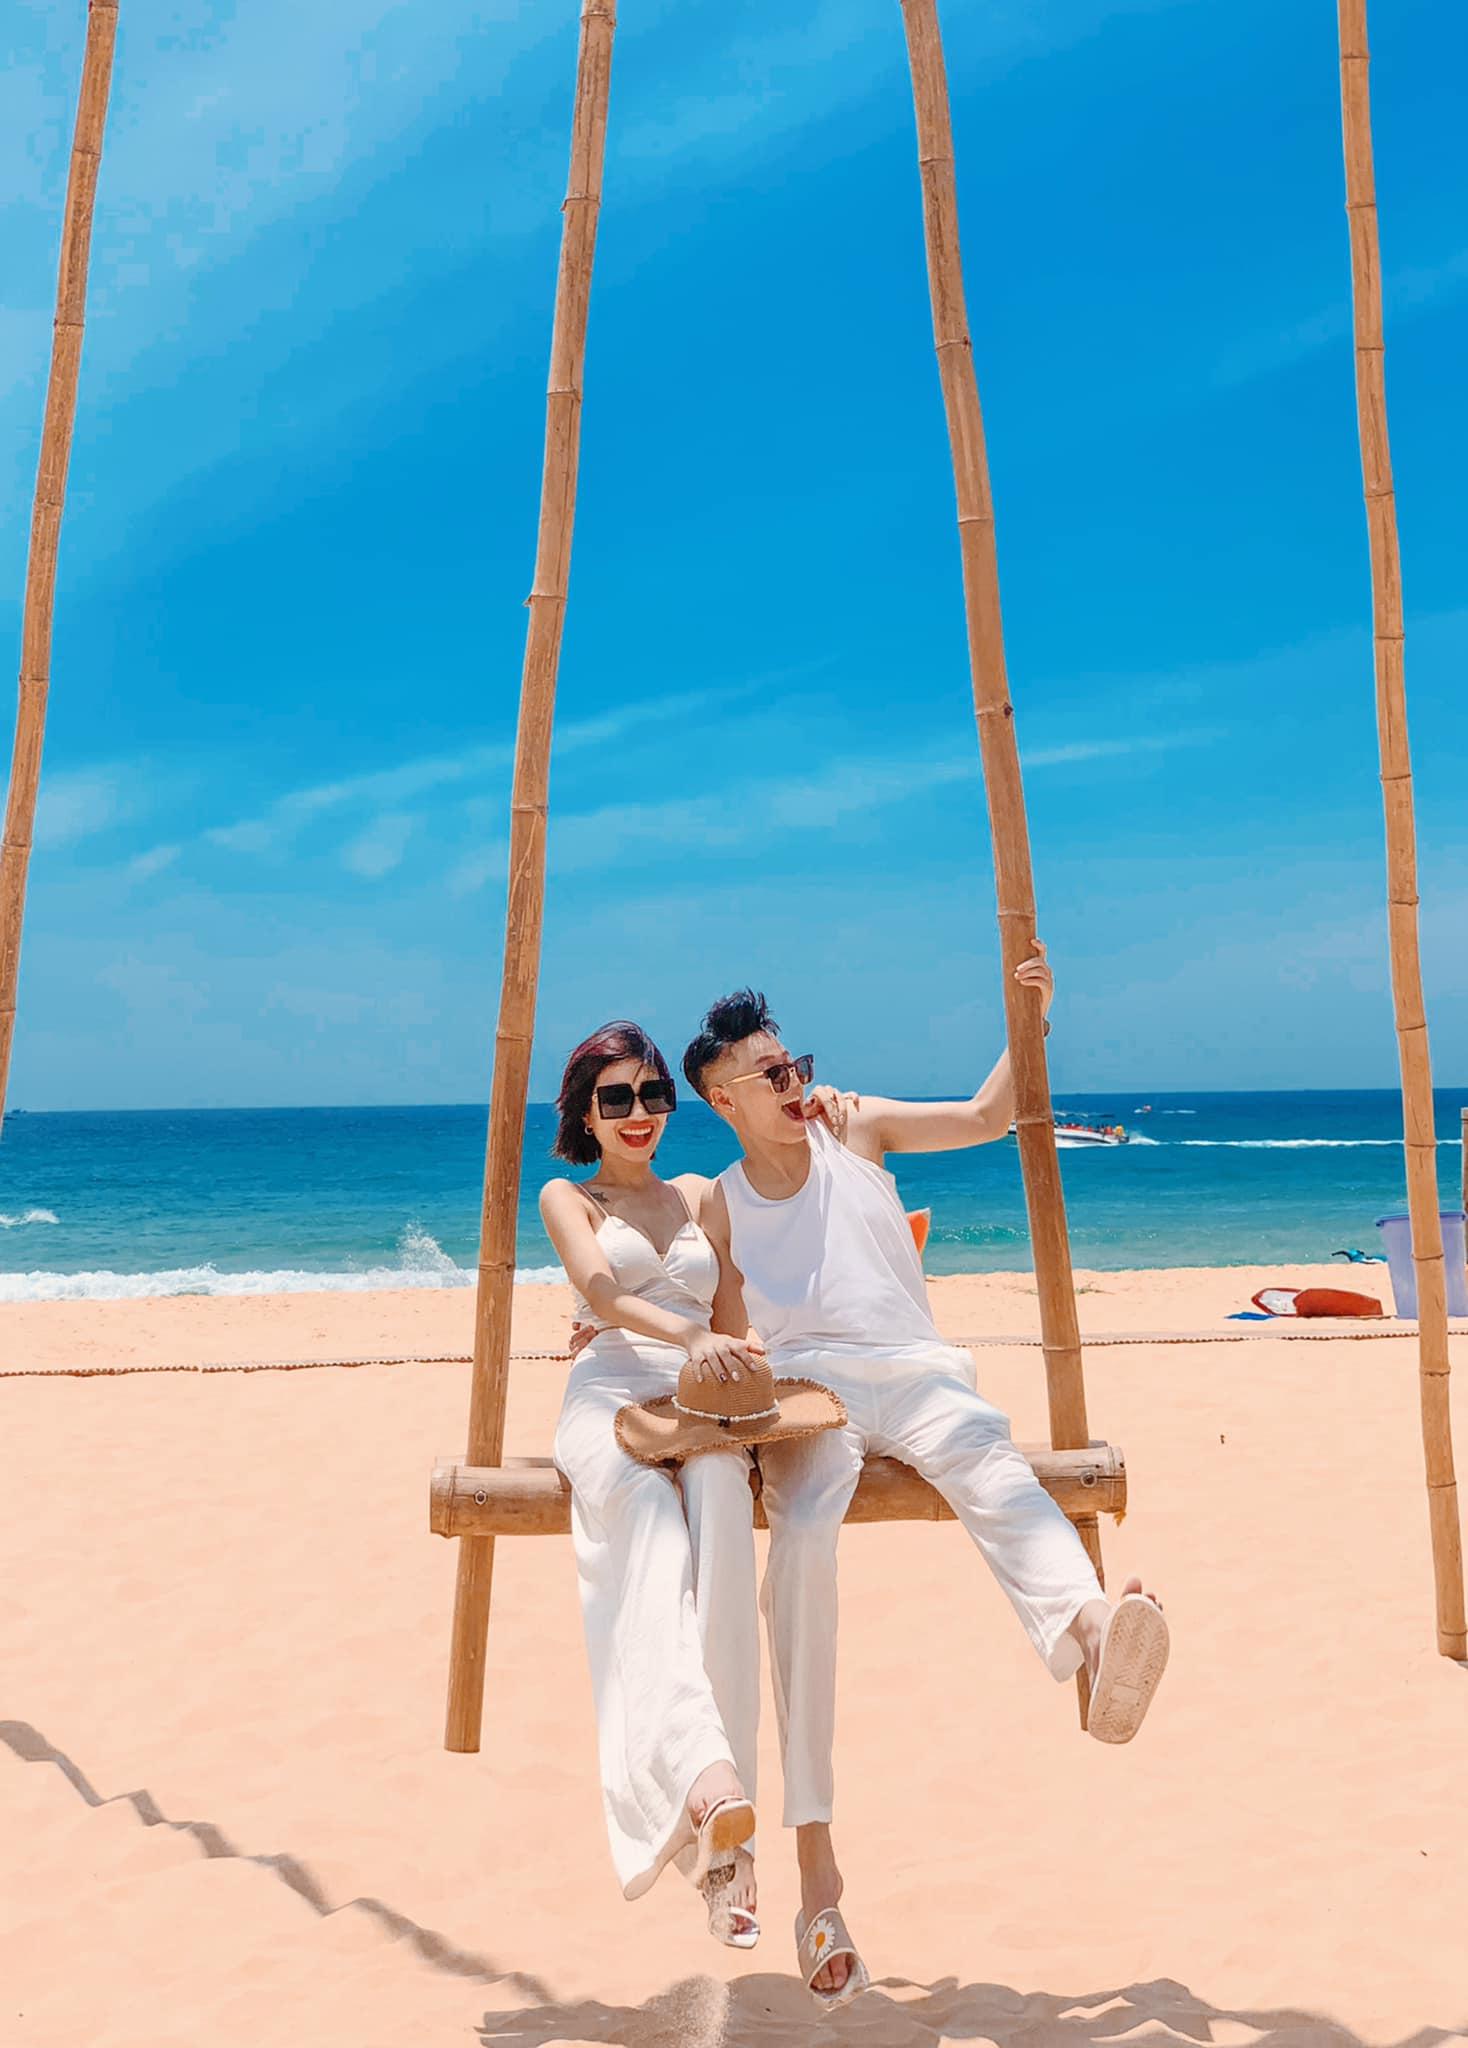 Tour du lịch Quy Nhơn từ Hà Nội: Du ngoạn 'Maldives của Việt Nam' với giá chỉ từ 650.000 đồng - Ảnh 8.